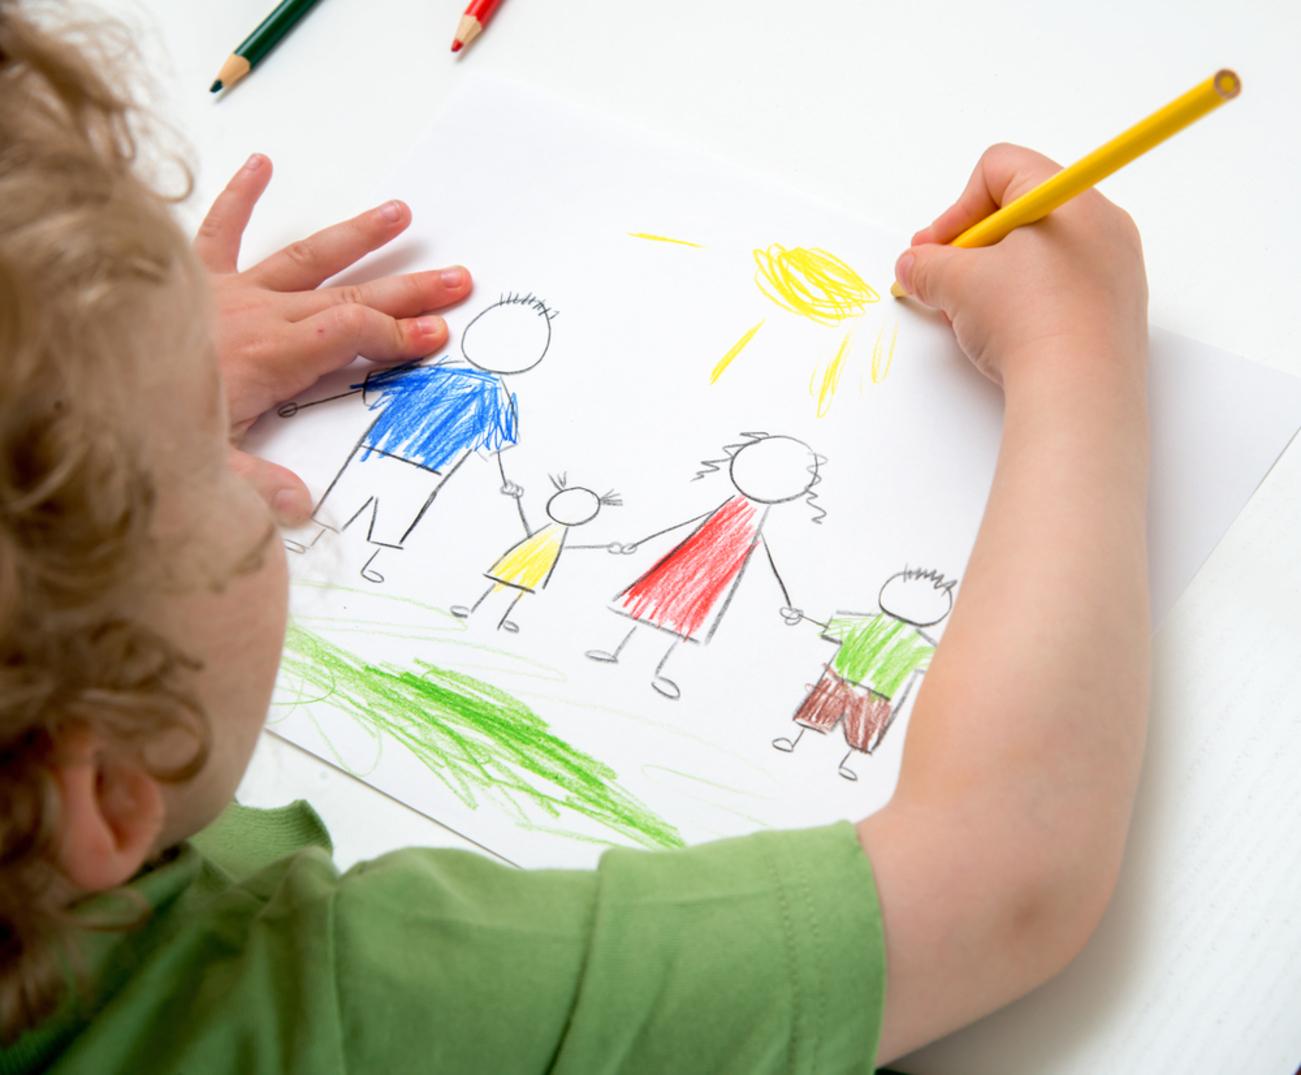 Crianças vítimas de violência nem sempre conseguem verbalizar o pedido de ajuda, alerta o psicólogo Cleon Cerezer